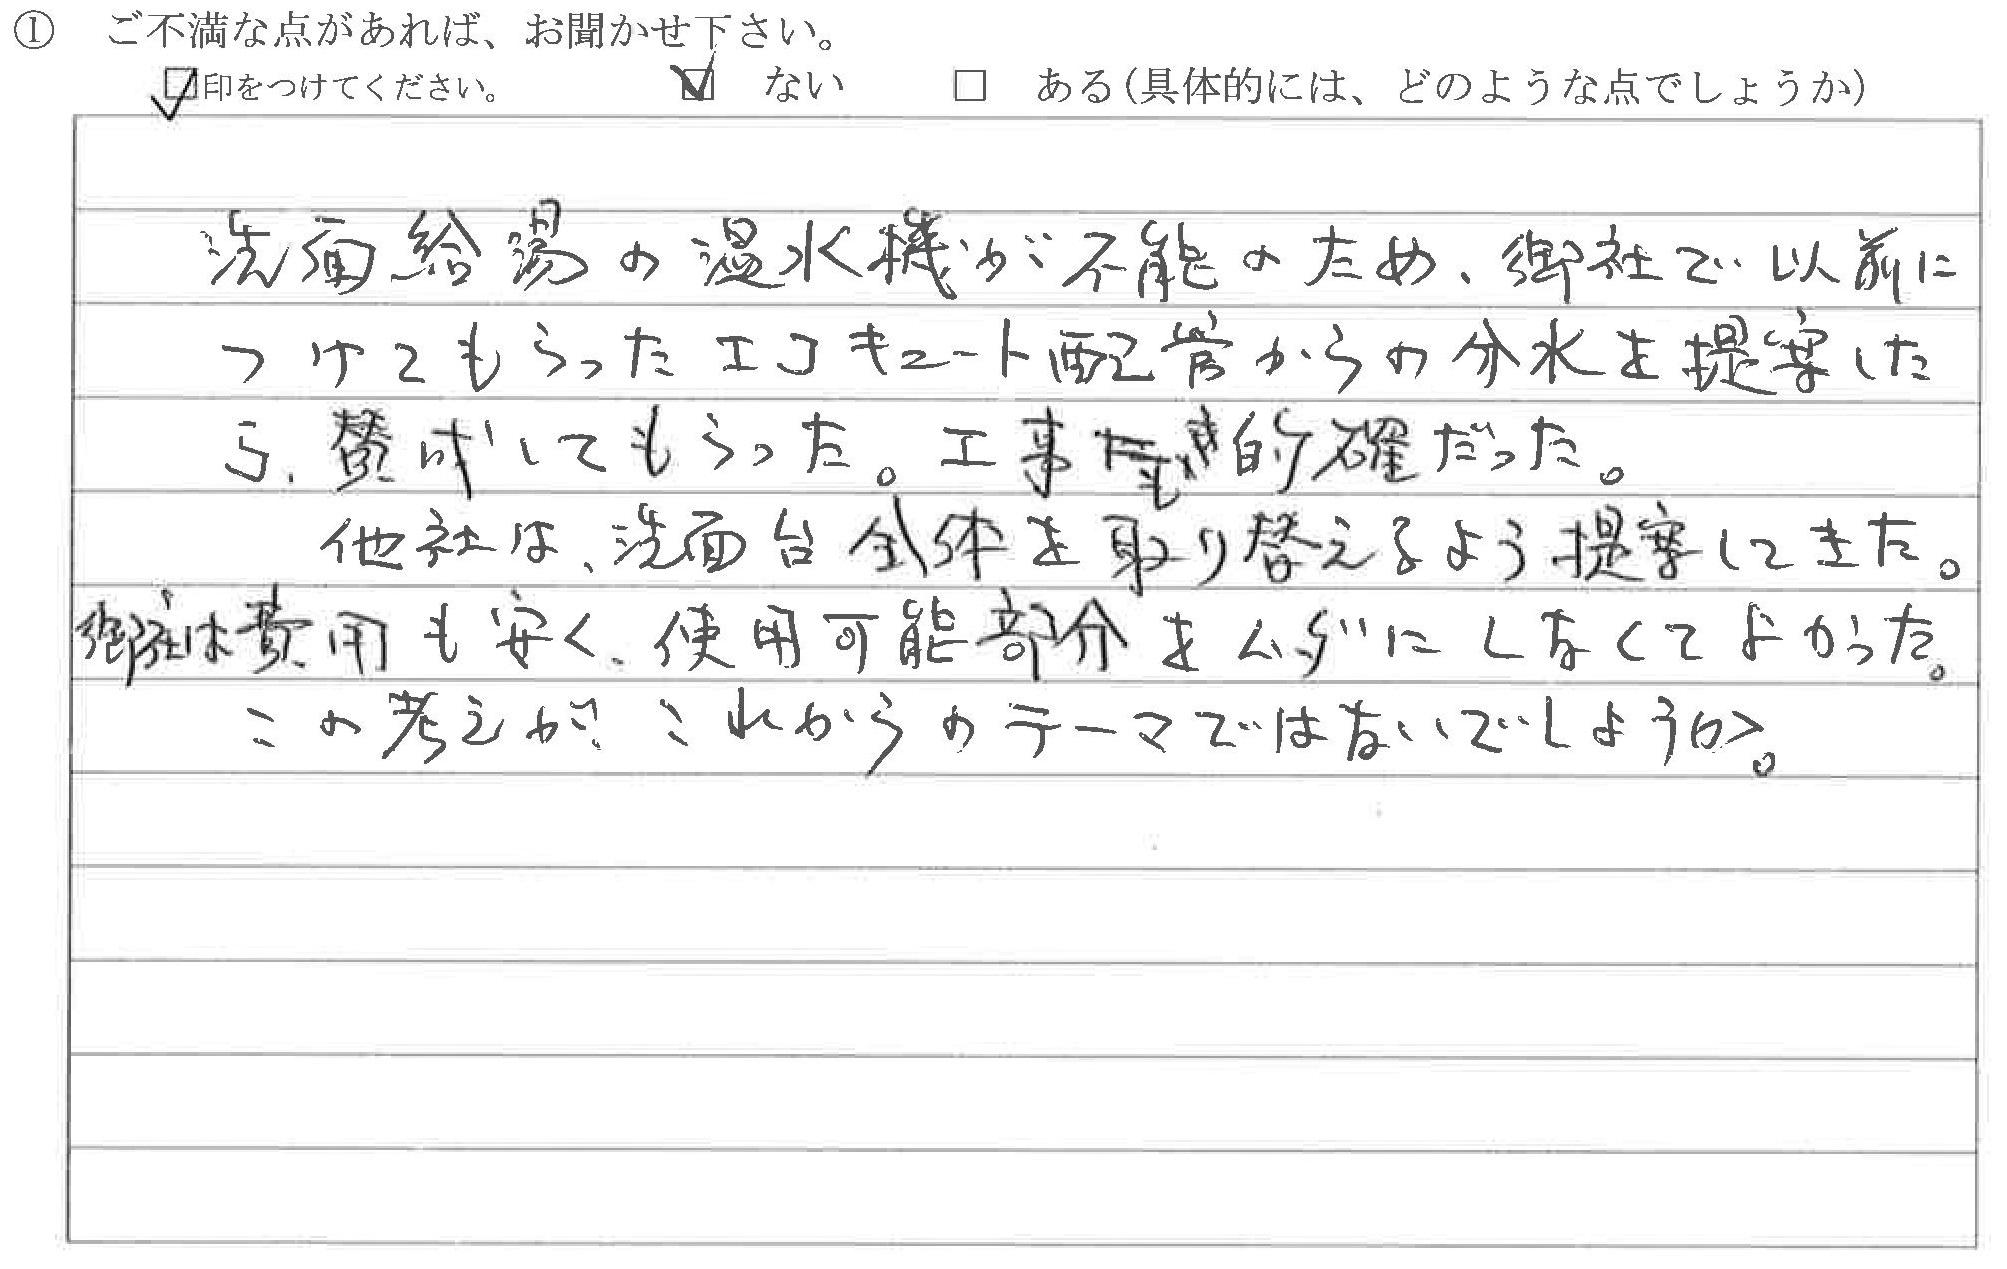 富山県富山市I様に頂いた洗面給湯配管工事についてのご不満な点があれば、お聞かせ下さい。というご質問について「給湯配管工事【お喜びの声】」というお声についての画像